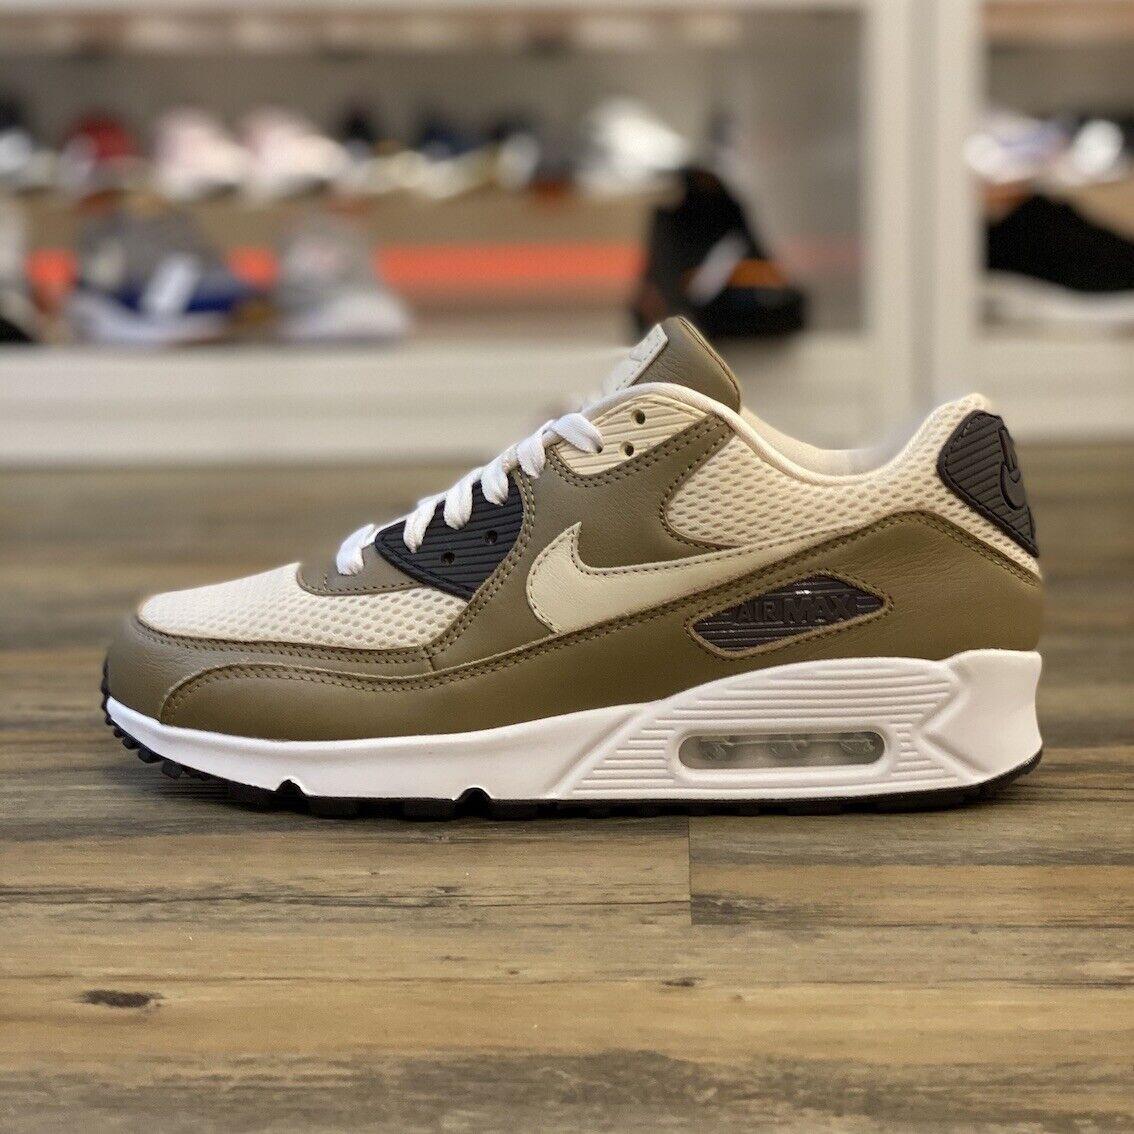 Nike Air Max 90 Textile ID Gr.41 Turnschuhe Schuhe braun 708279 999 Classic Retro